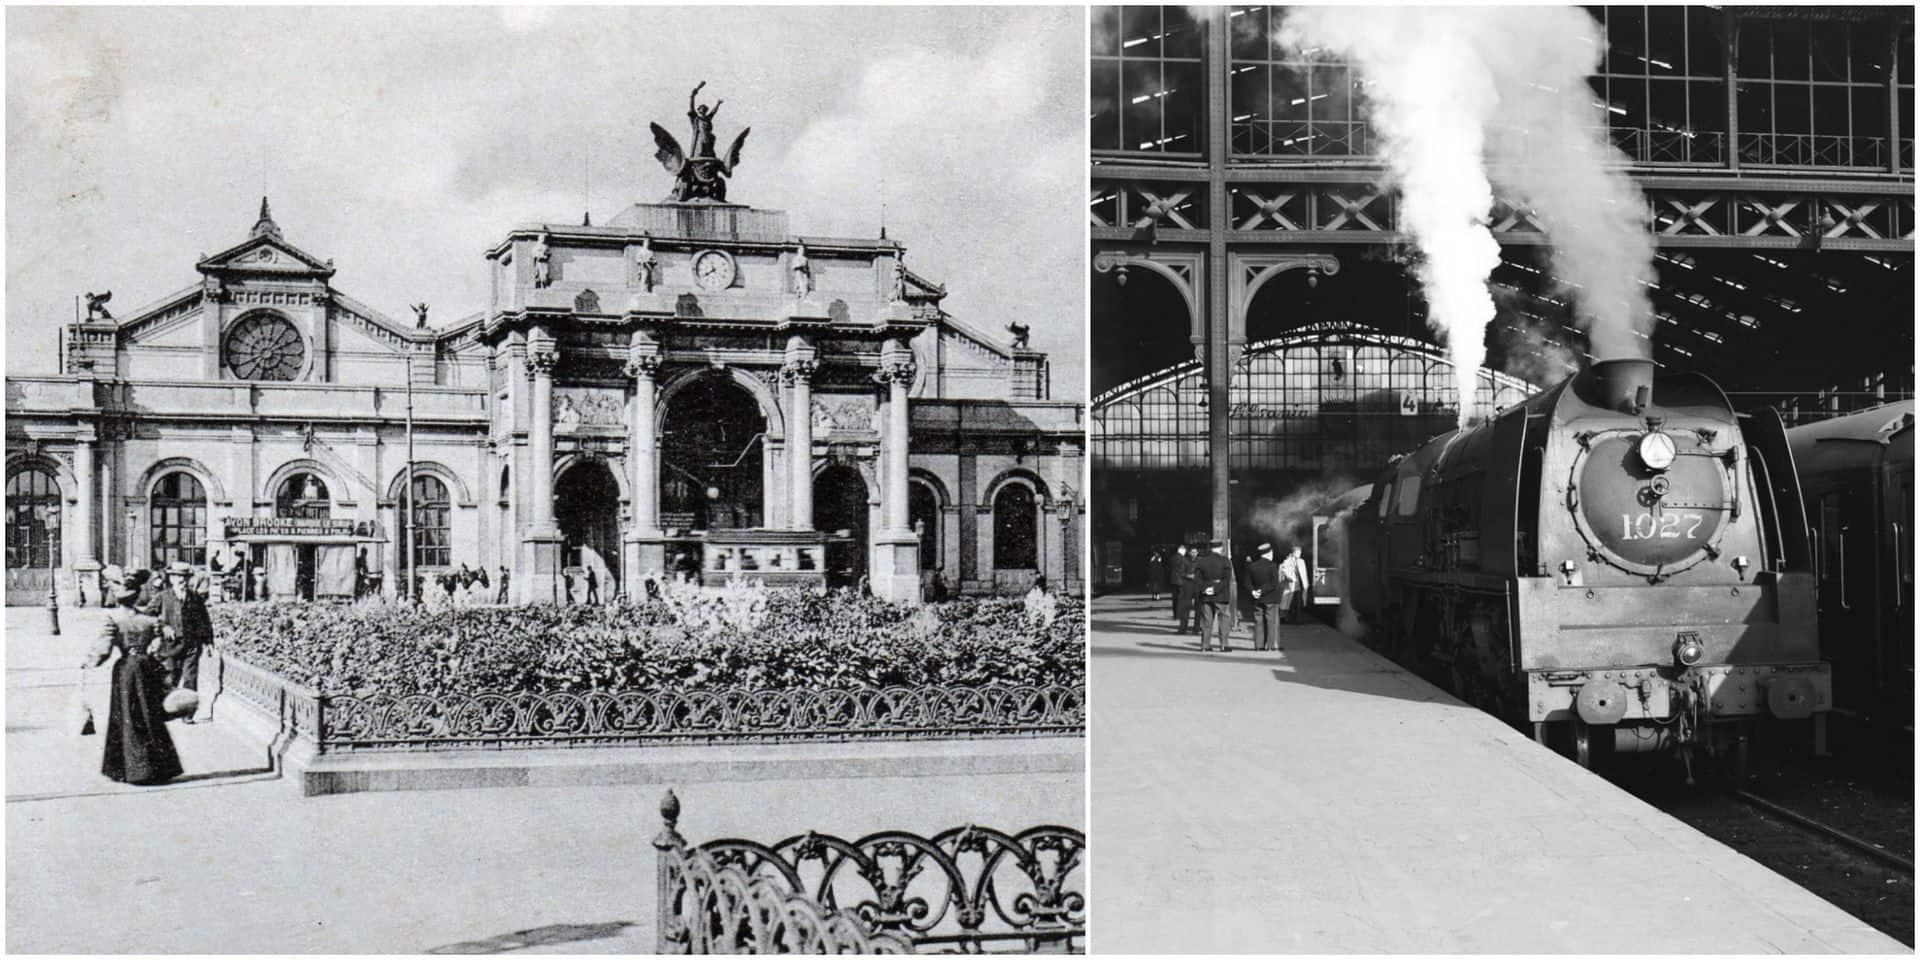 Paris-Nord - Bruxelles-Midi, une histoire vieille de 175 ans: à l'époque, les trains à vapeur mettaient 12 heures 30